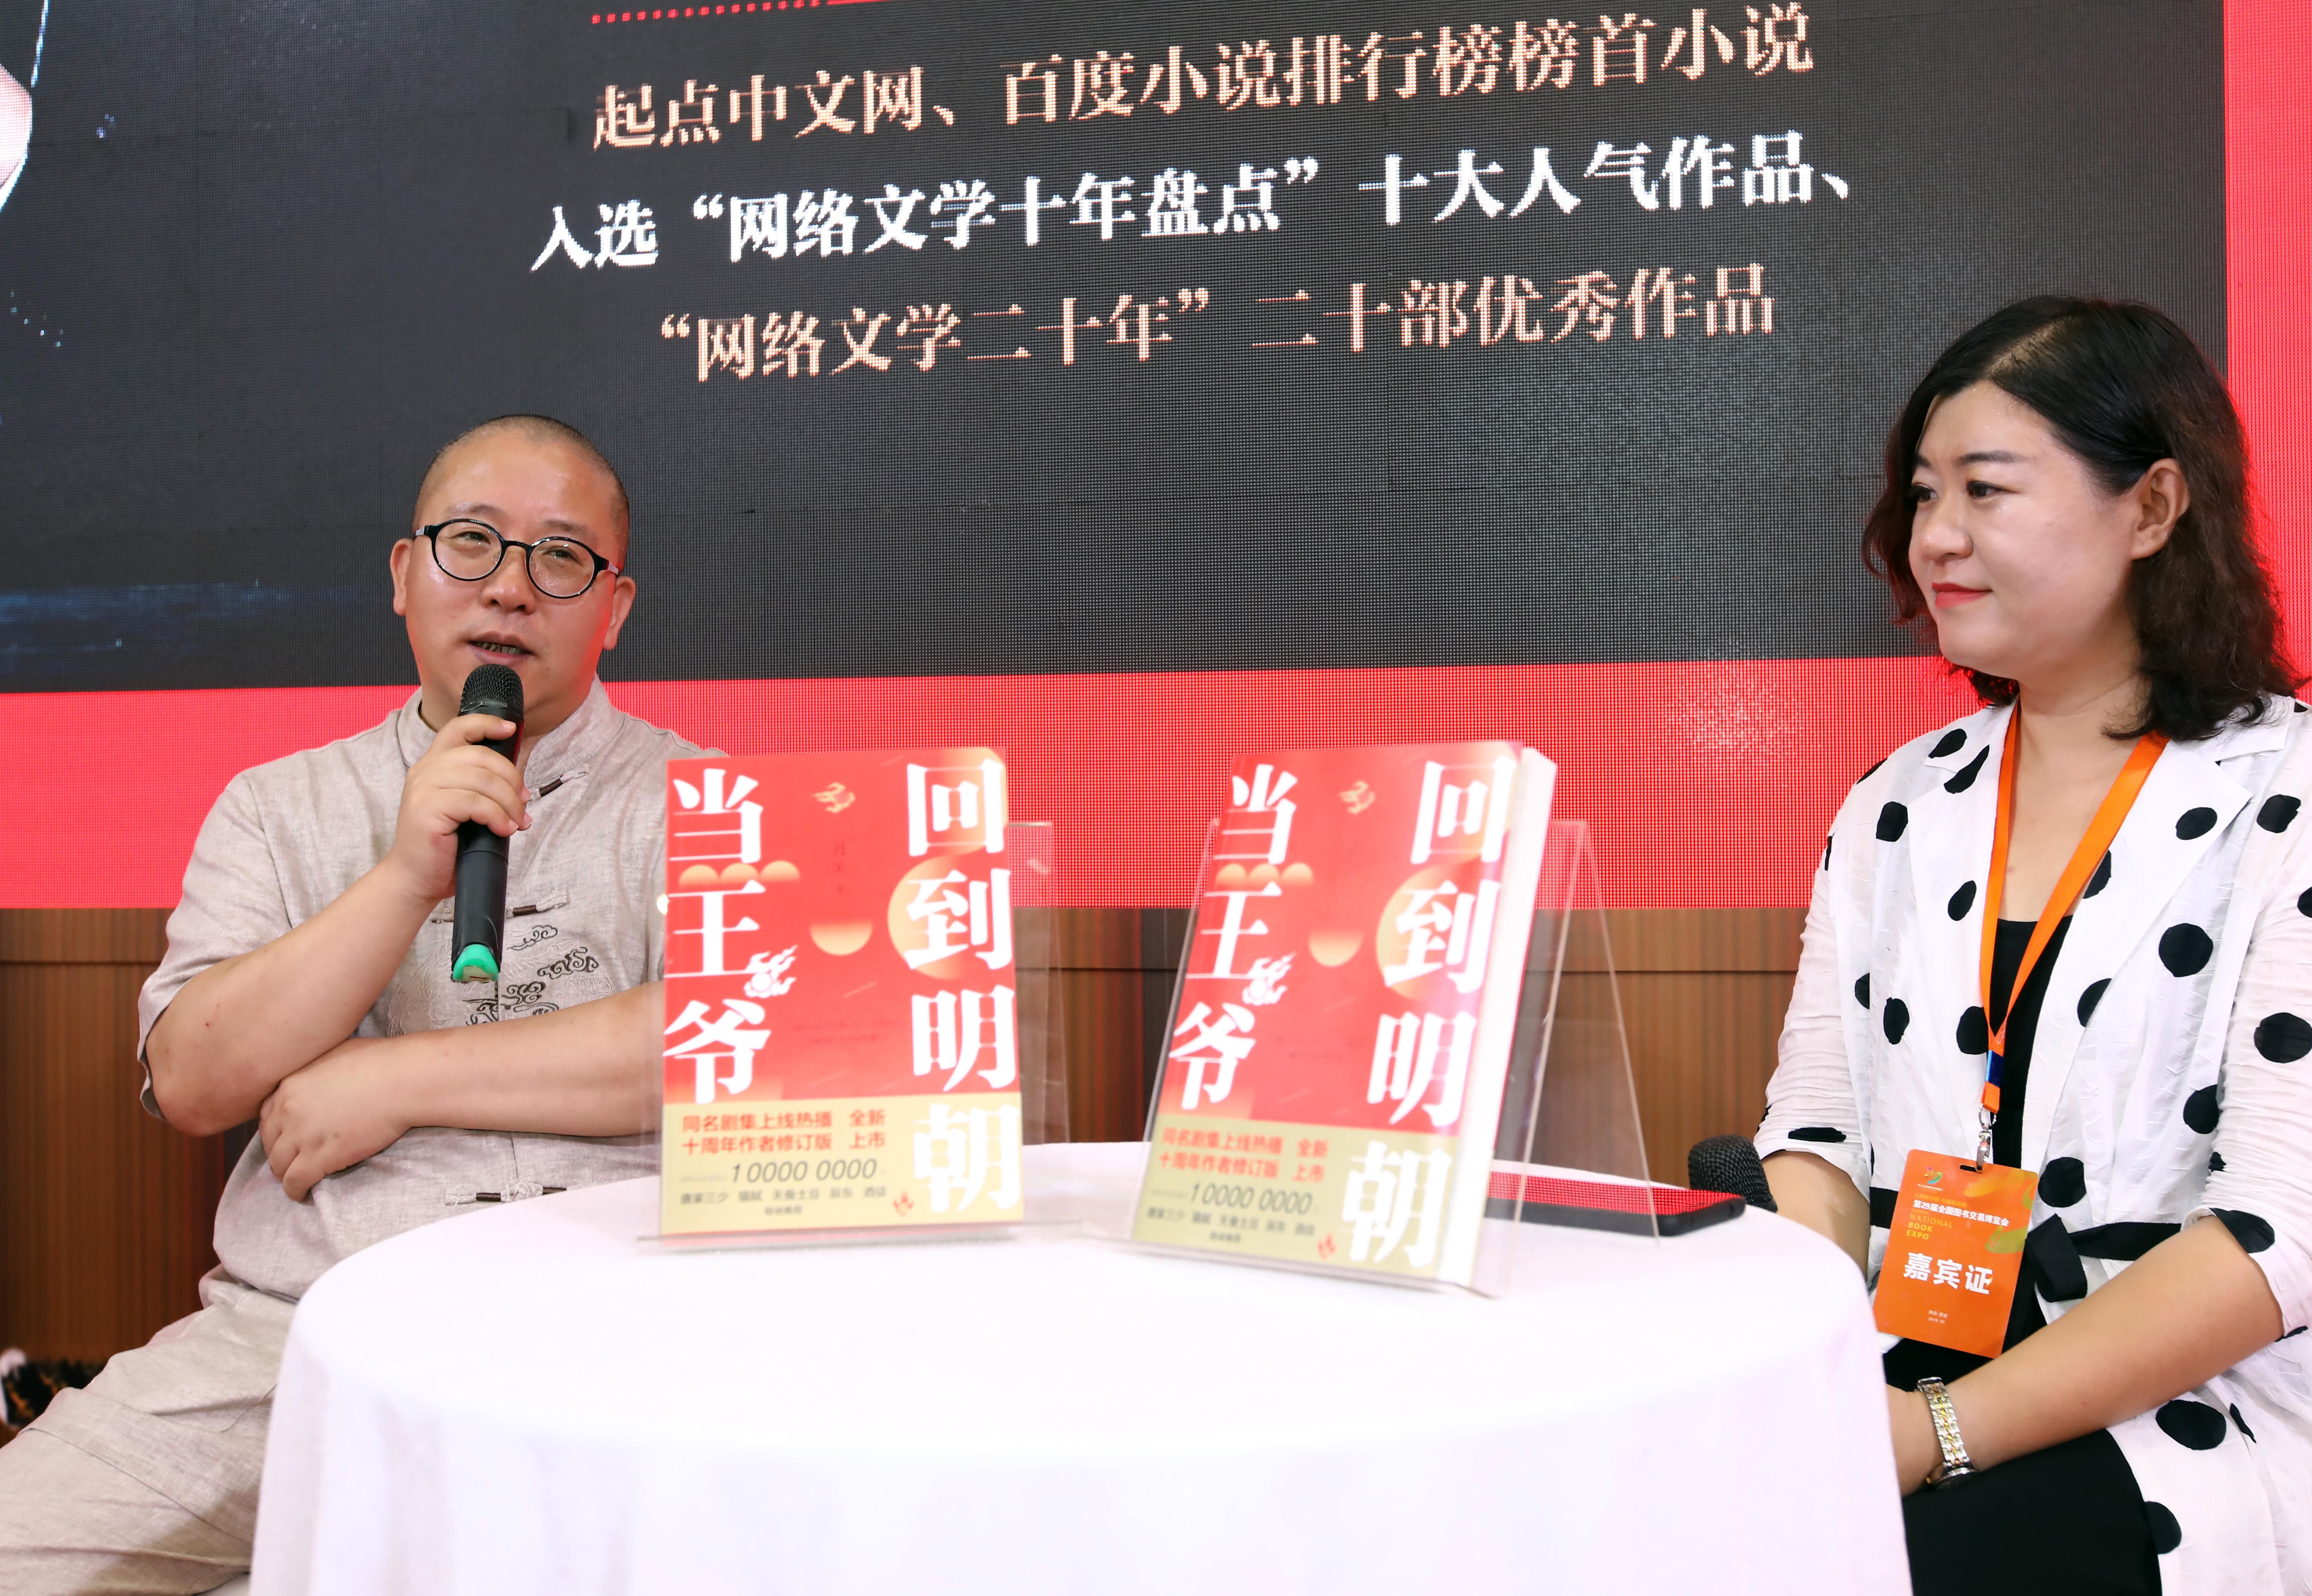 《回到明朝當王爺》十周修訂典藏版亮相第二十九屆全國圖書交易博覽會